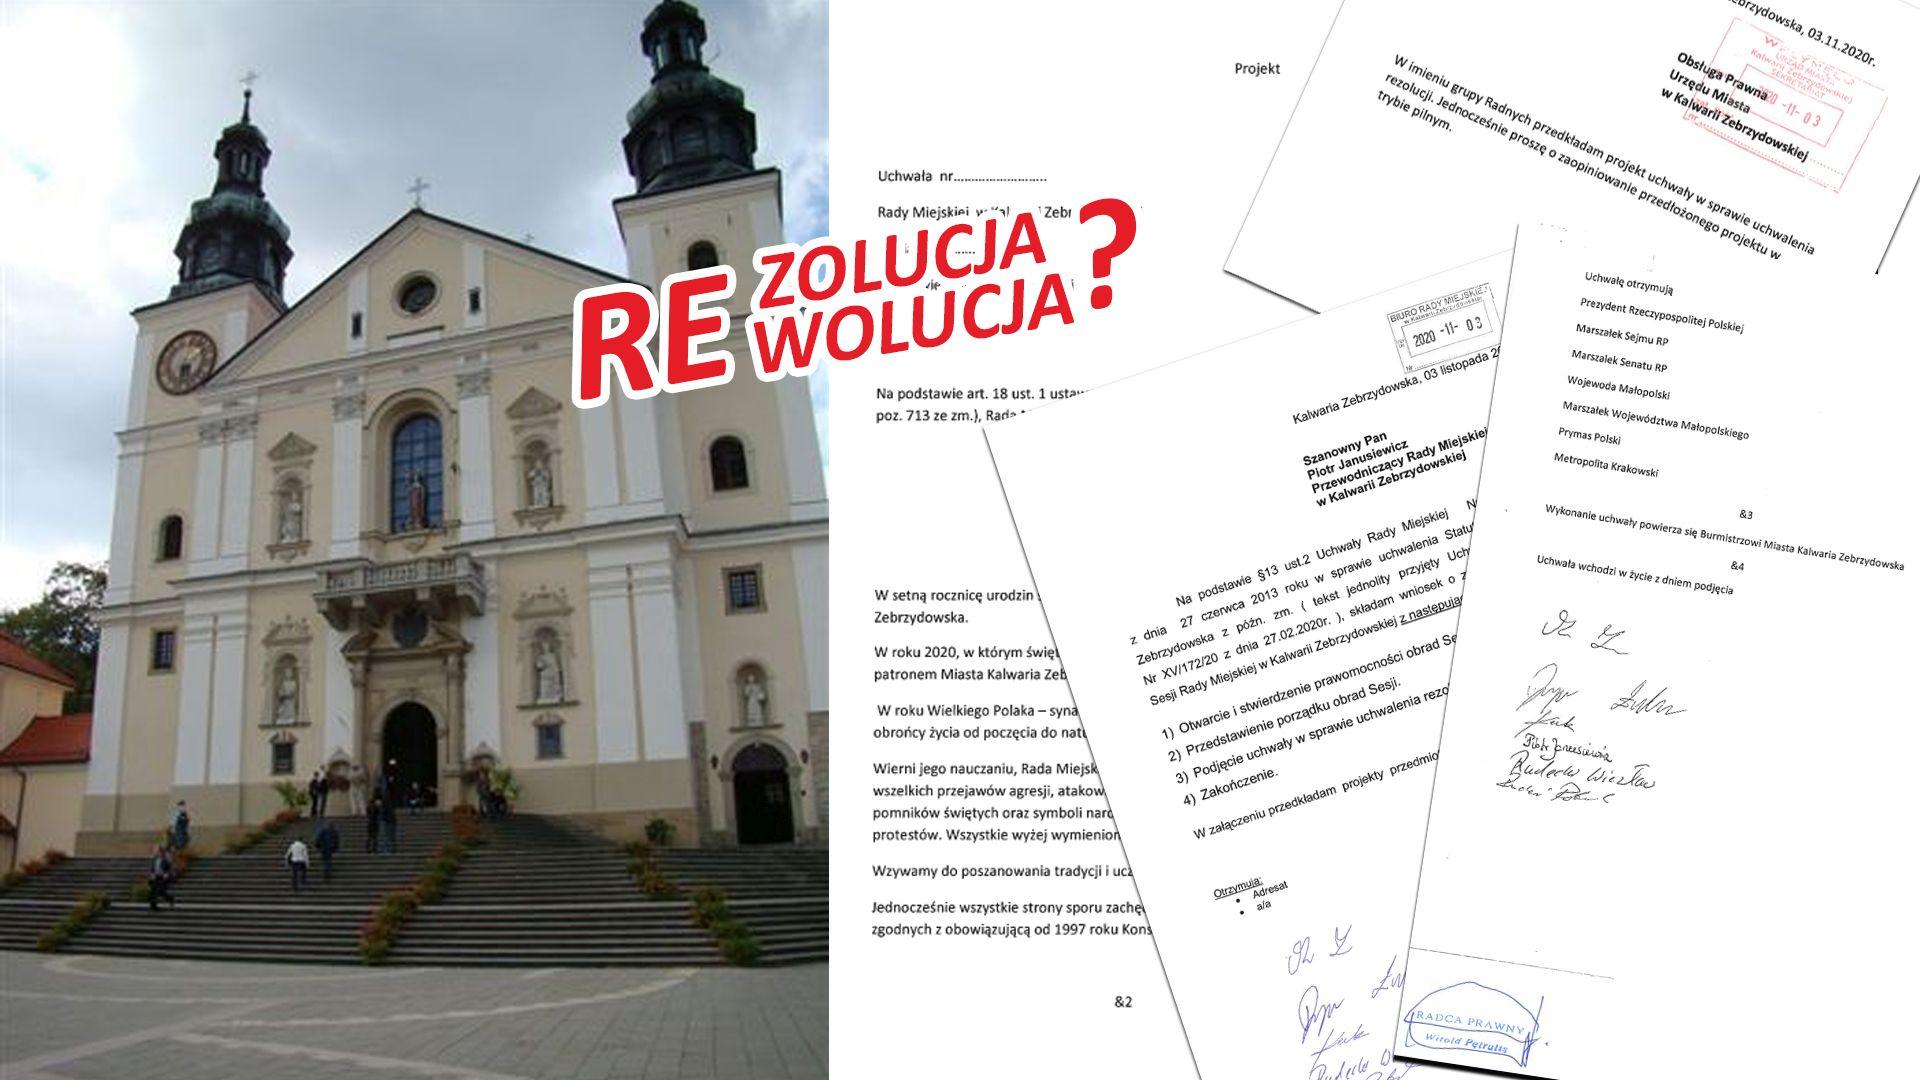 Będzie rezolucja w sprawie obrony kościołów?